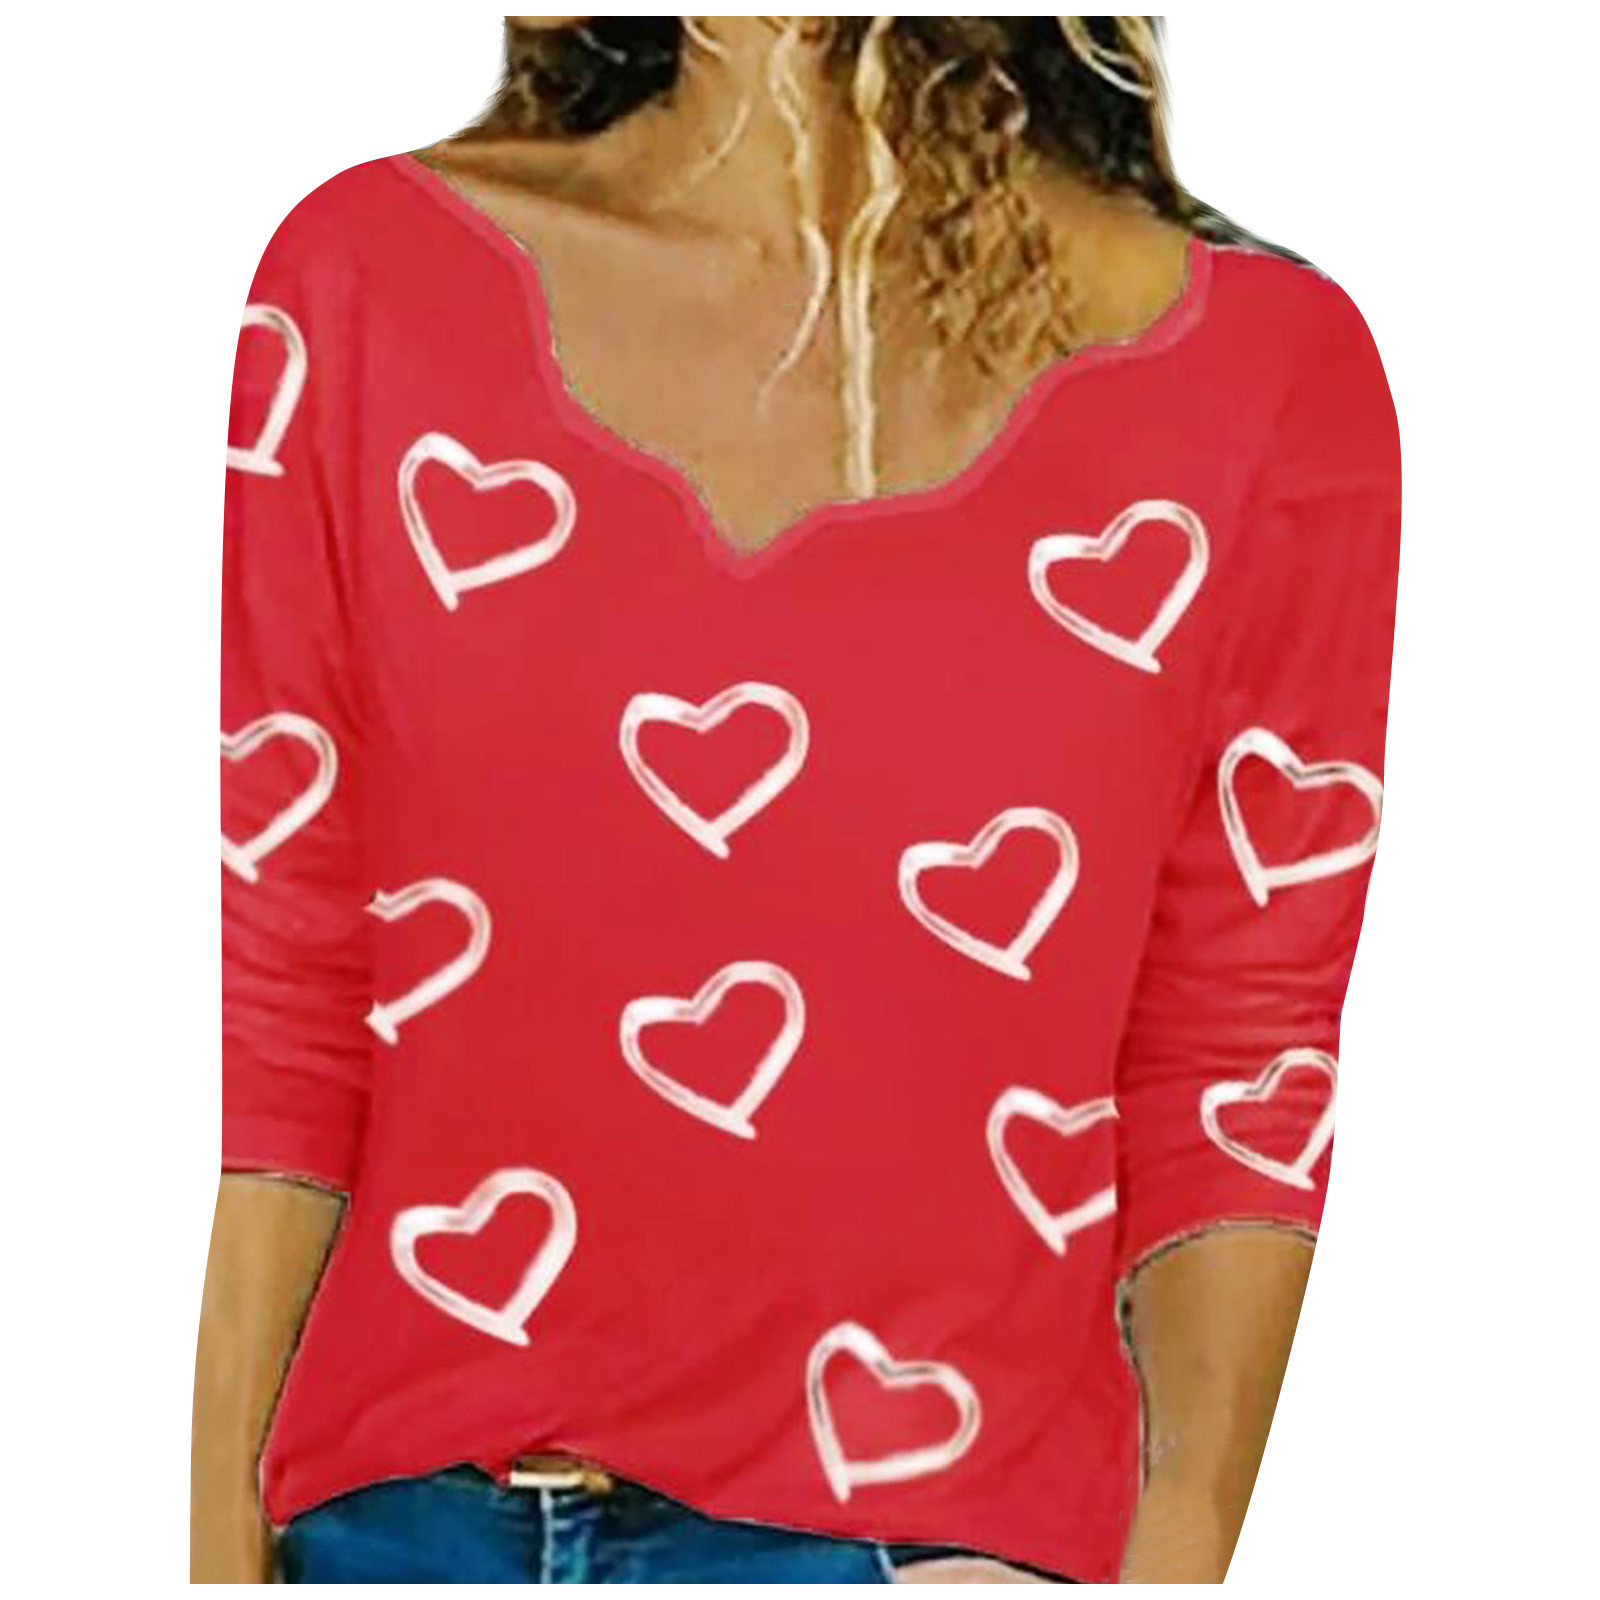 40 # Футболки с v-образным вырезом полный женский разноцветный модный Асимметричный пуловер с рисунком сердца, футболка с длинным рукавом, то...